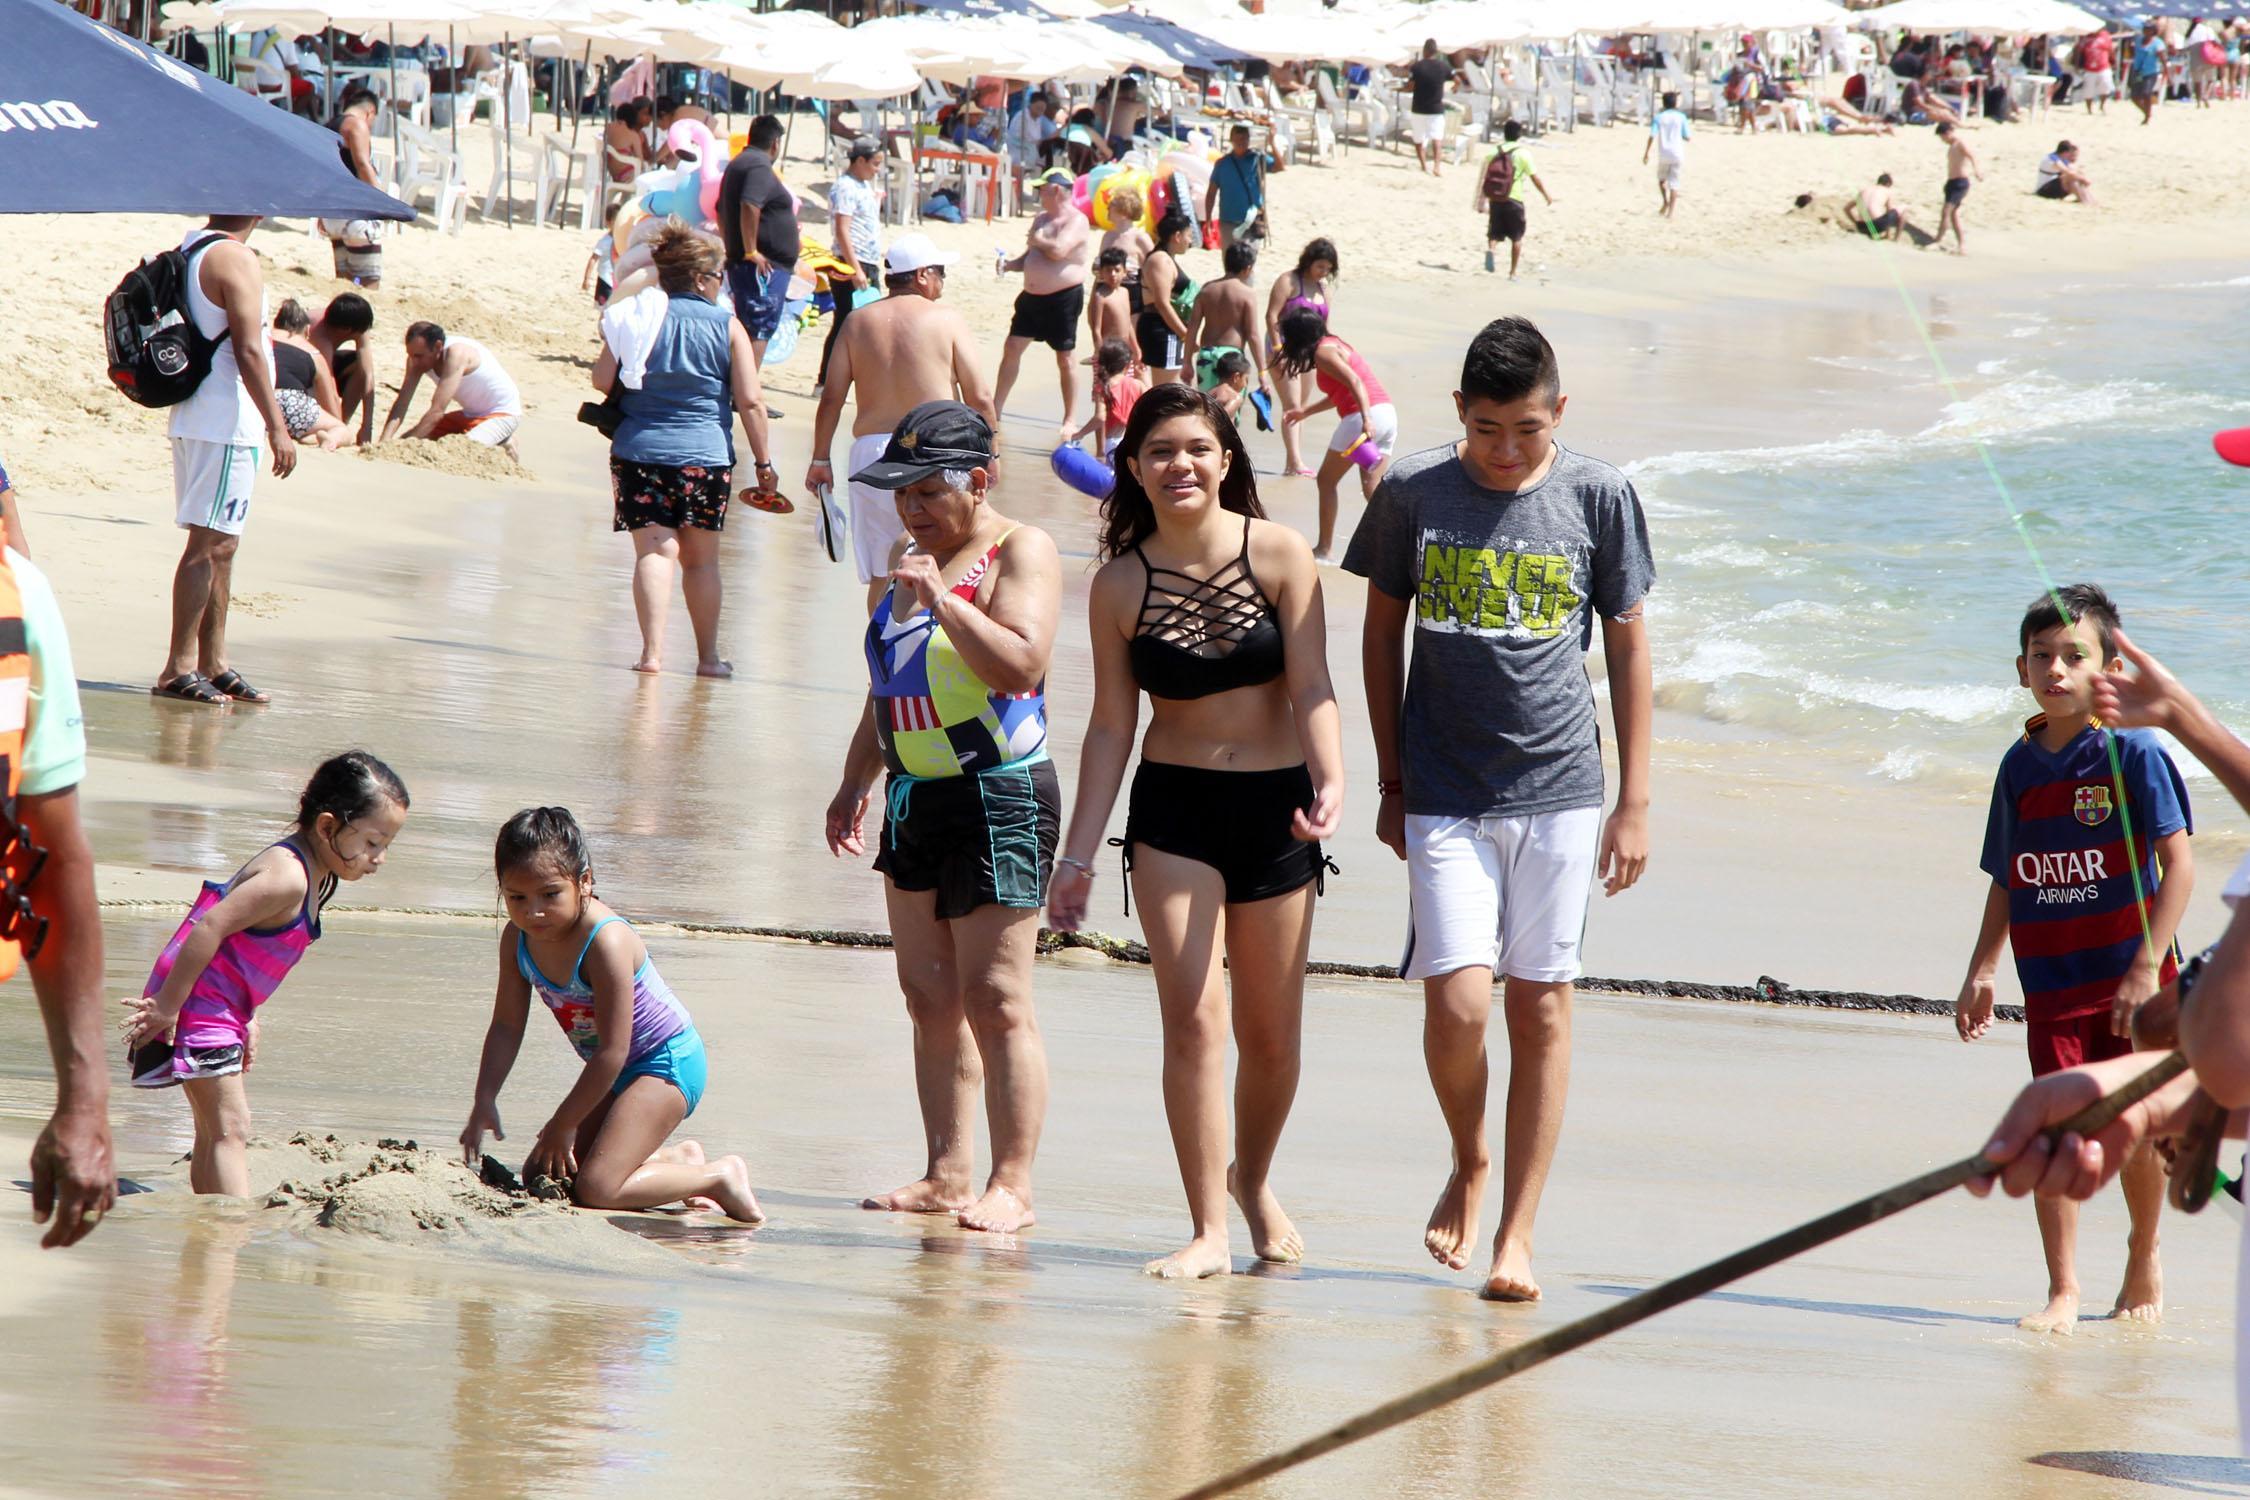 (Video) Turistas dejan derrama en Acapulco superior a 250 MDP por fin de semana largo